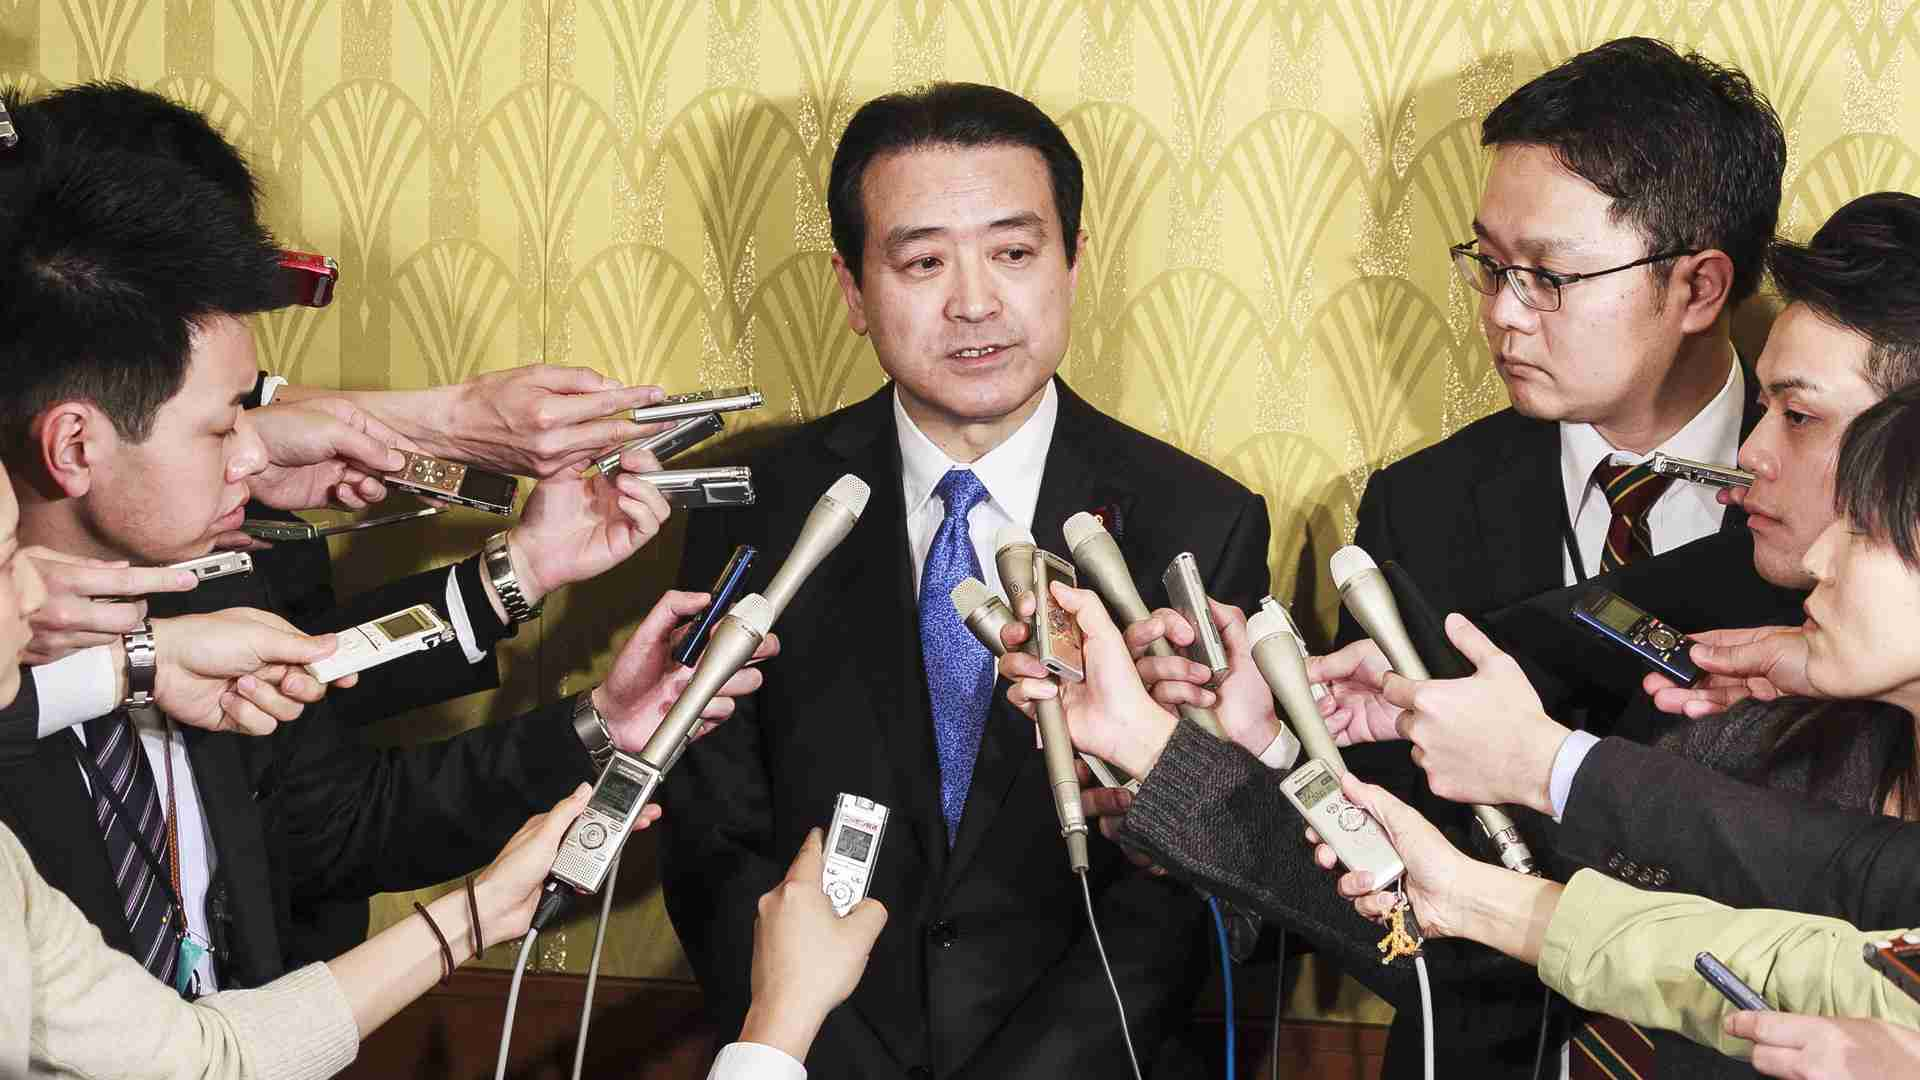 江田憲司氏が森友問題で大阪地検からの捜査情報のリークを晒して大変な騒ぎに(山本一郎) - 個人 - Yahoo!ニュース